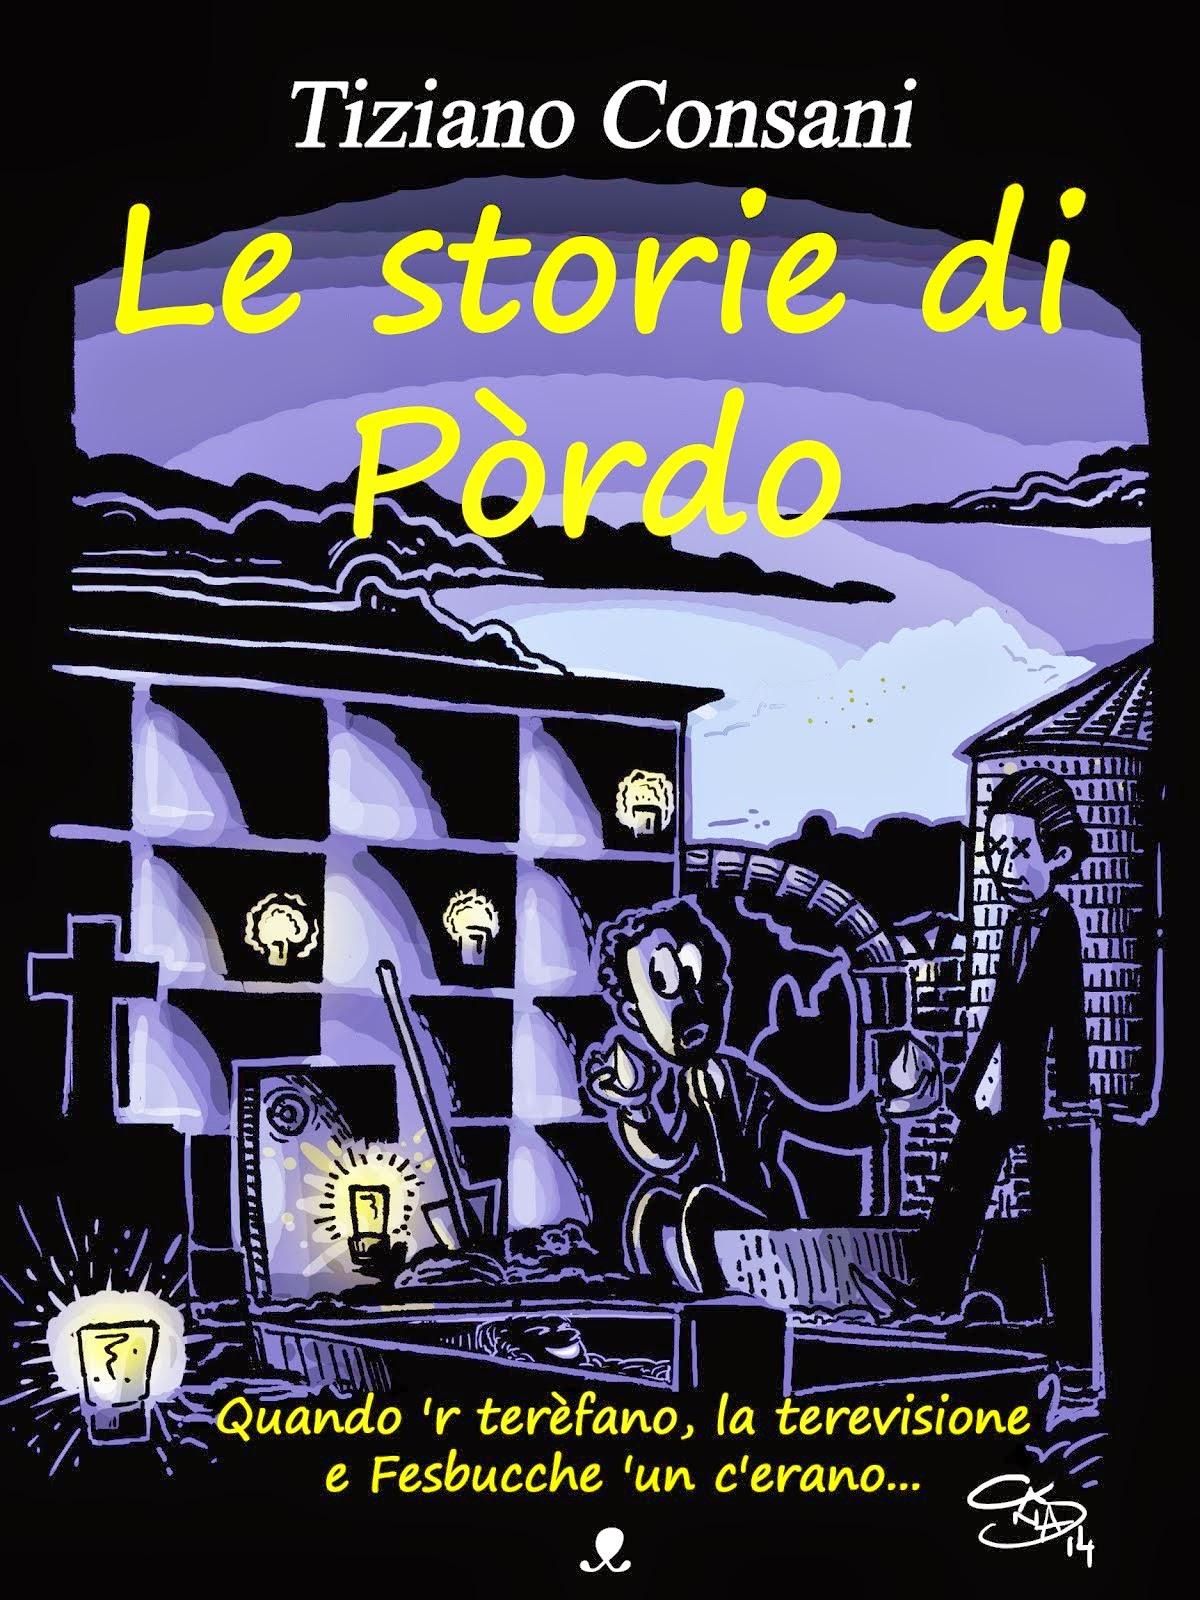 Le storie di Pòrdo